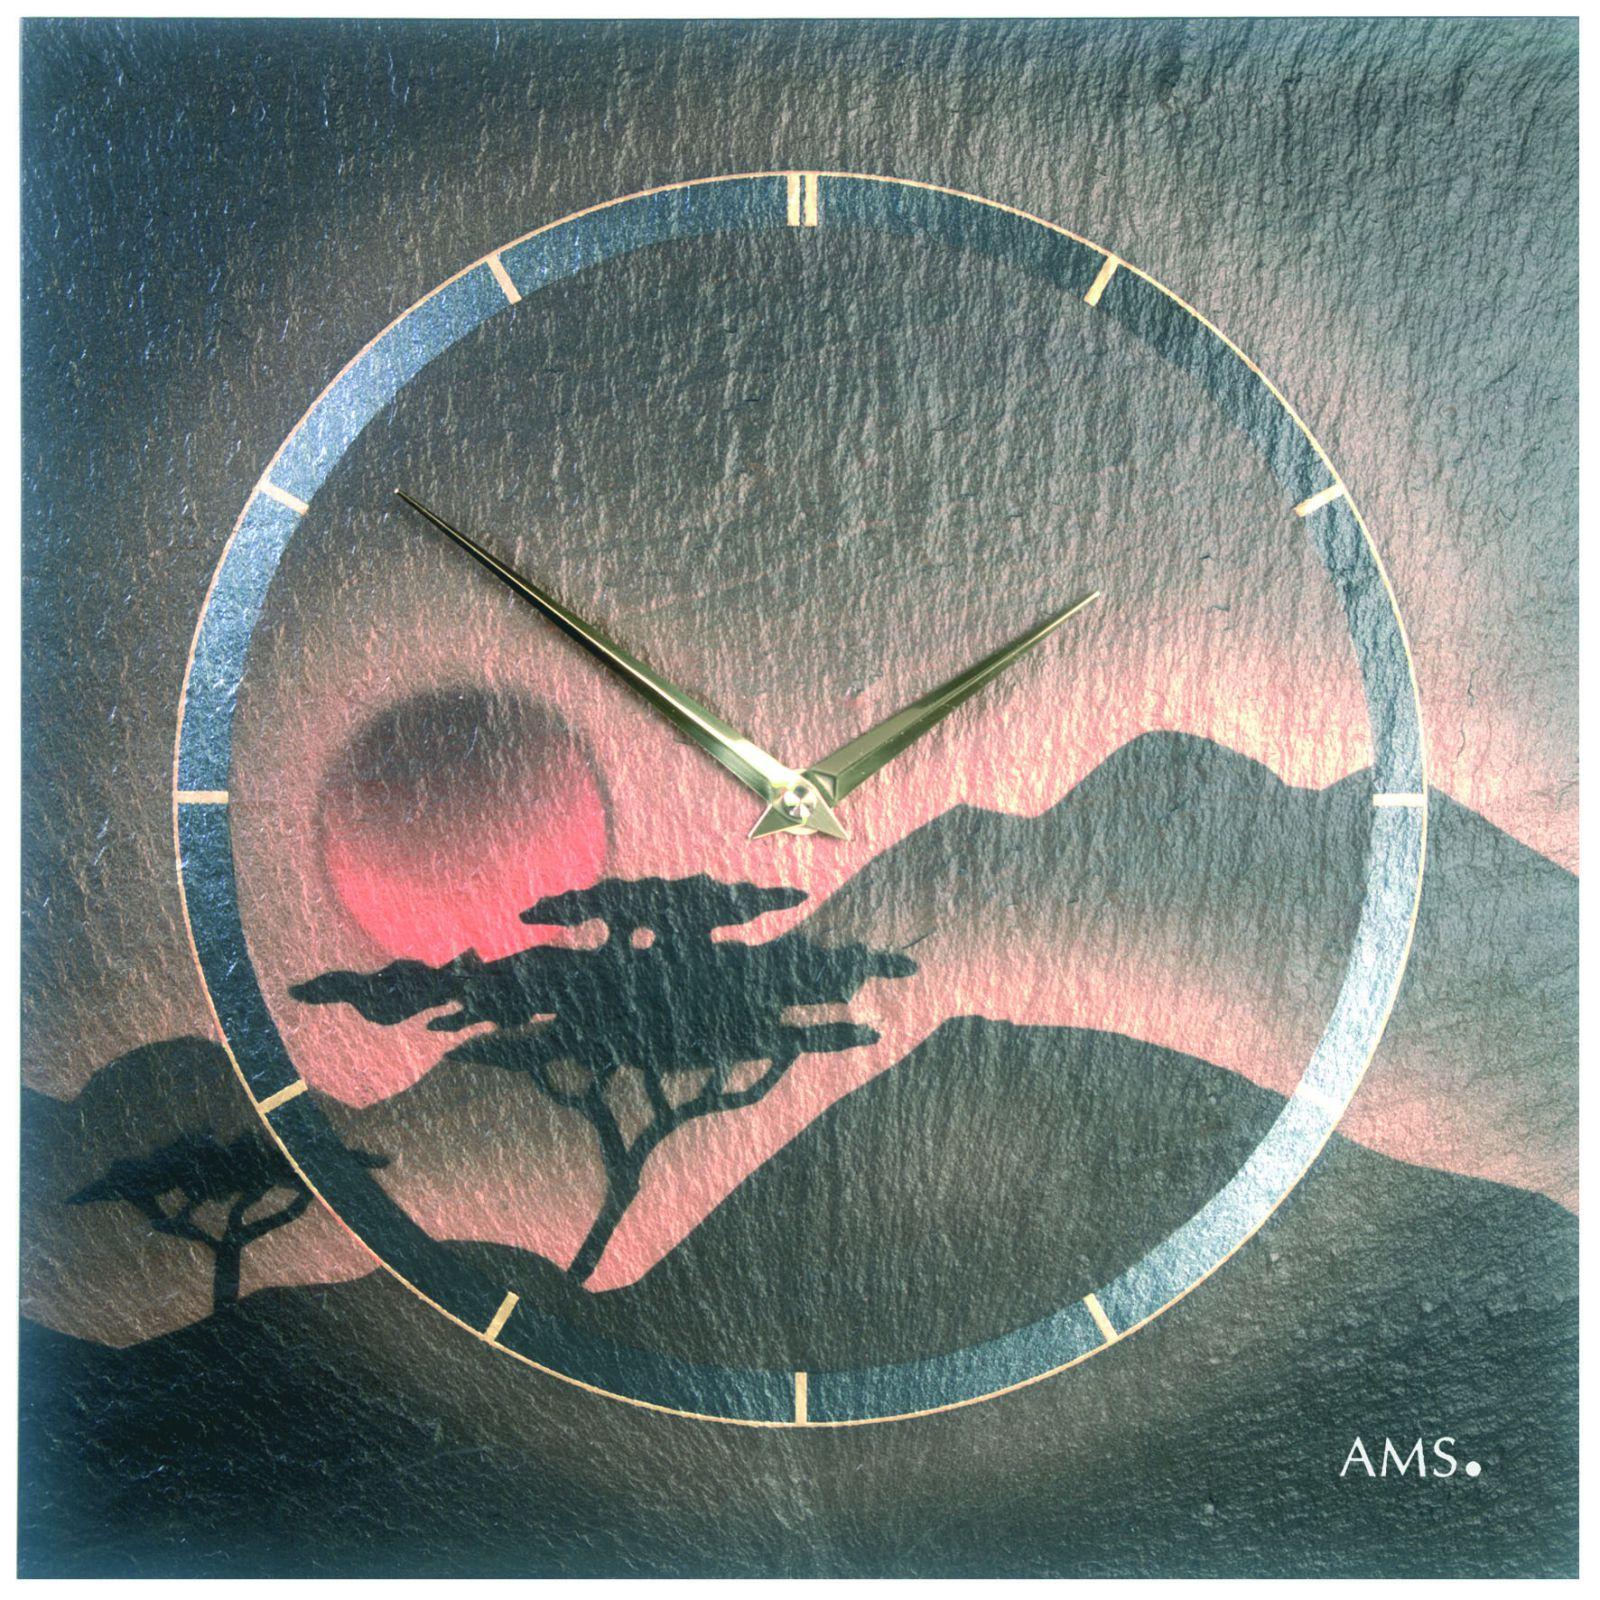 nástěnné břidlicové hodiny ams 9515